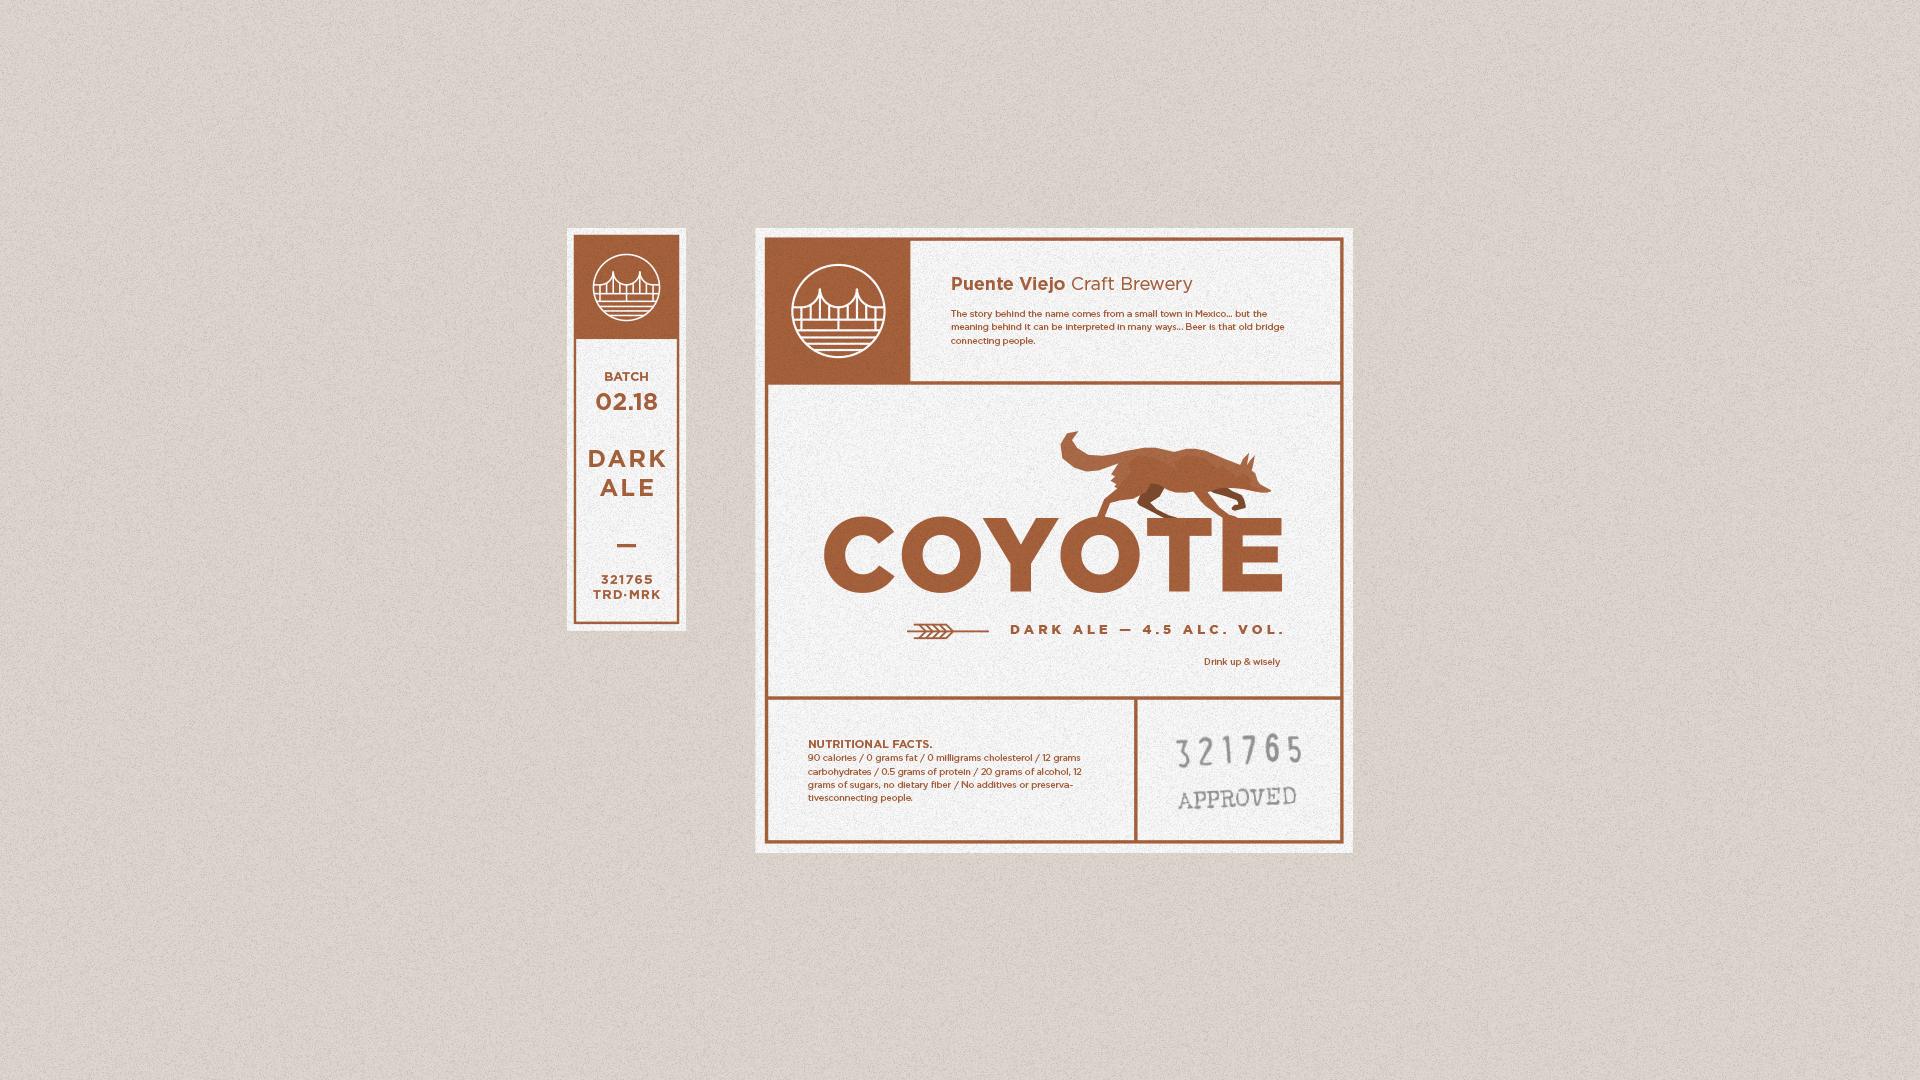 fmx_puenteviejo_etiqueta_coyote